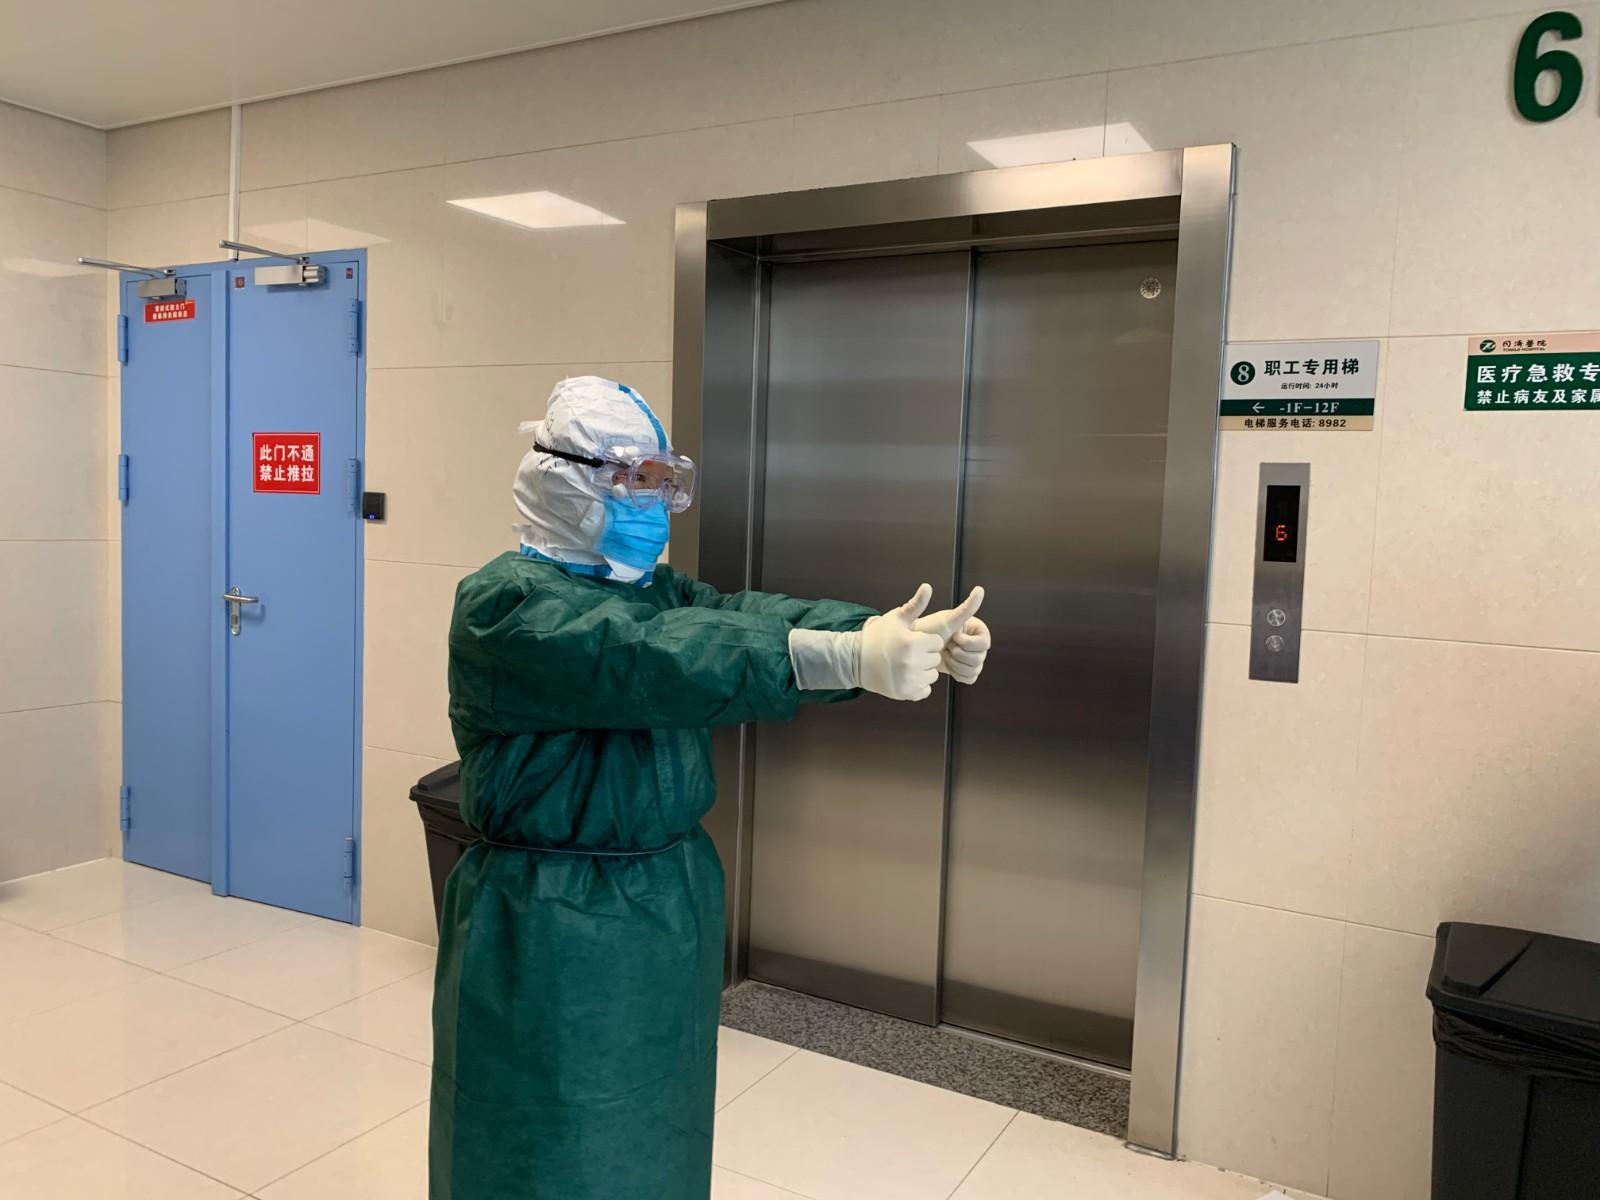 2月21日,华中科技大学同济医学院附属同济医院中法新城院区,一位即将进入新冠肺炎隔离病房的北京中日友好医院的医护人员在摄影师的镜头前做出点赞的手势。.JPG